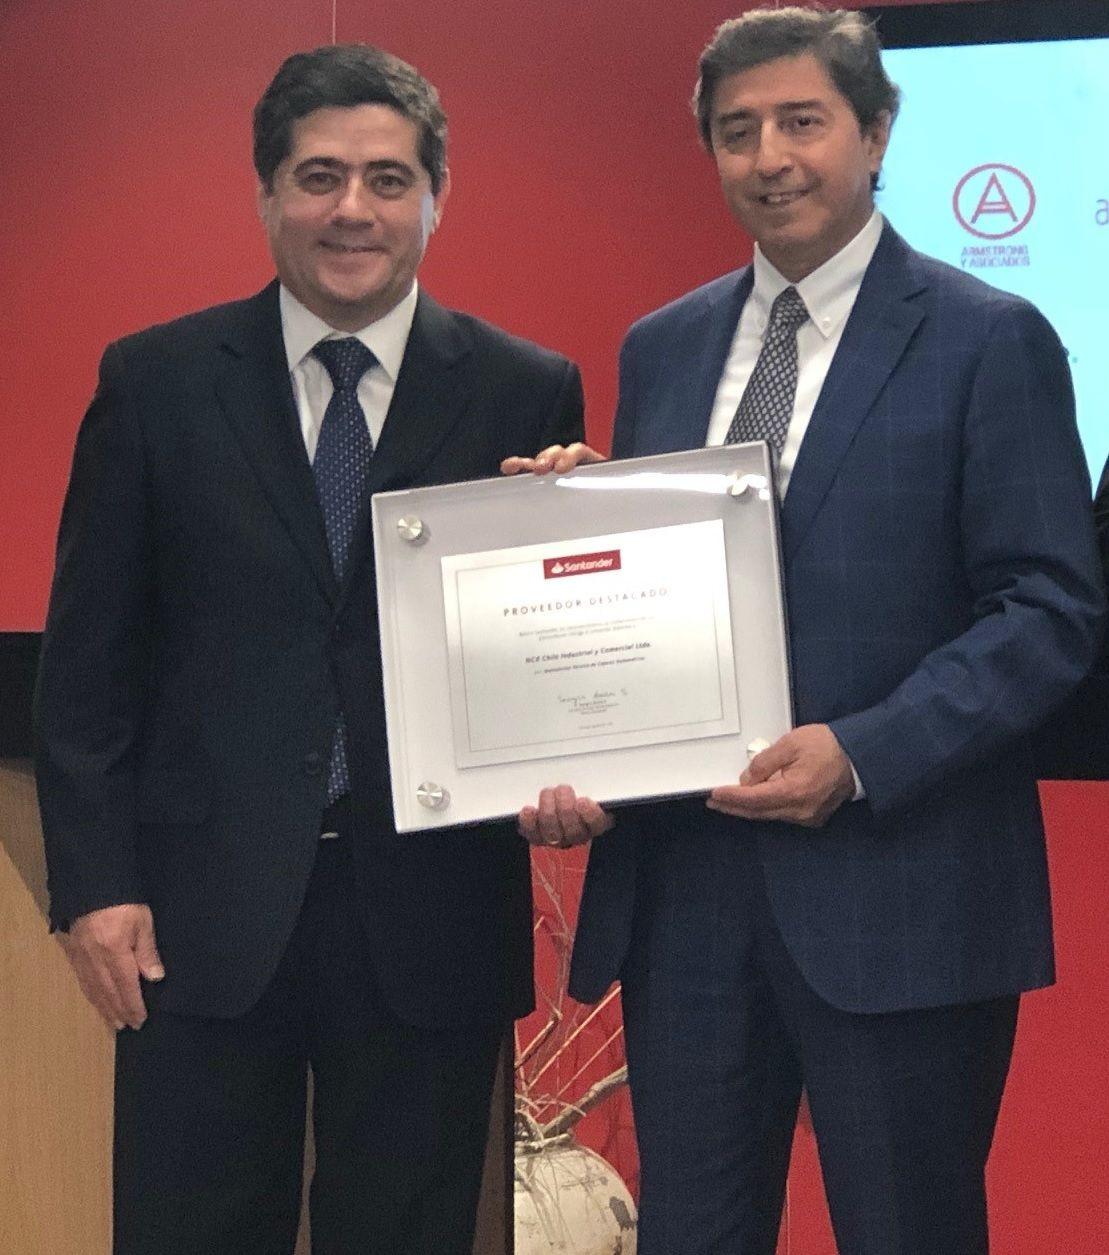 NCR Chile reconocido como uno de los mejores proveedores por Banco Santander